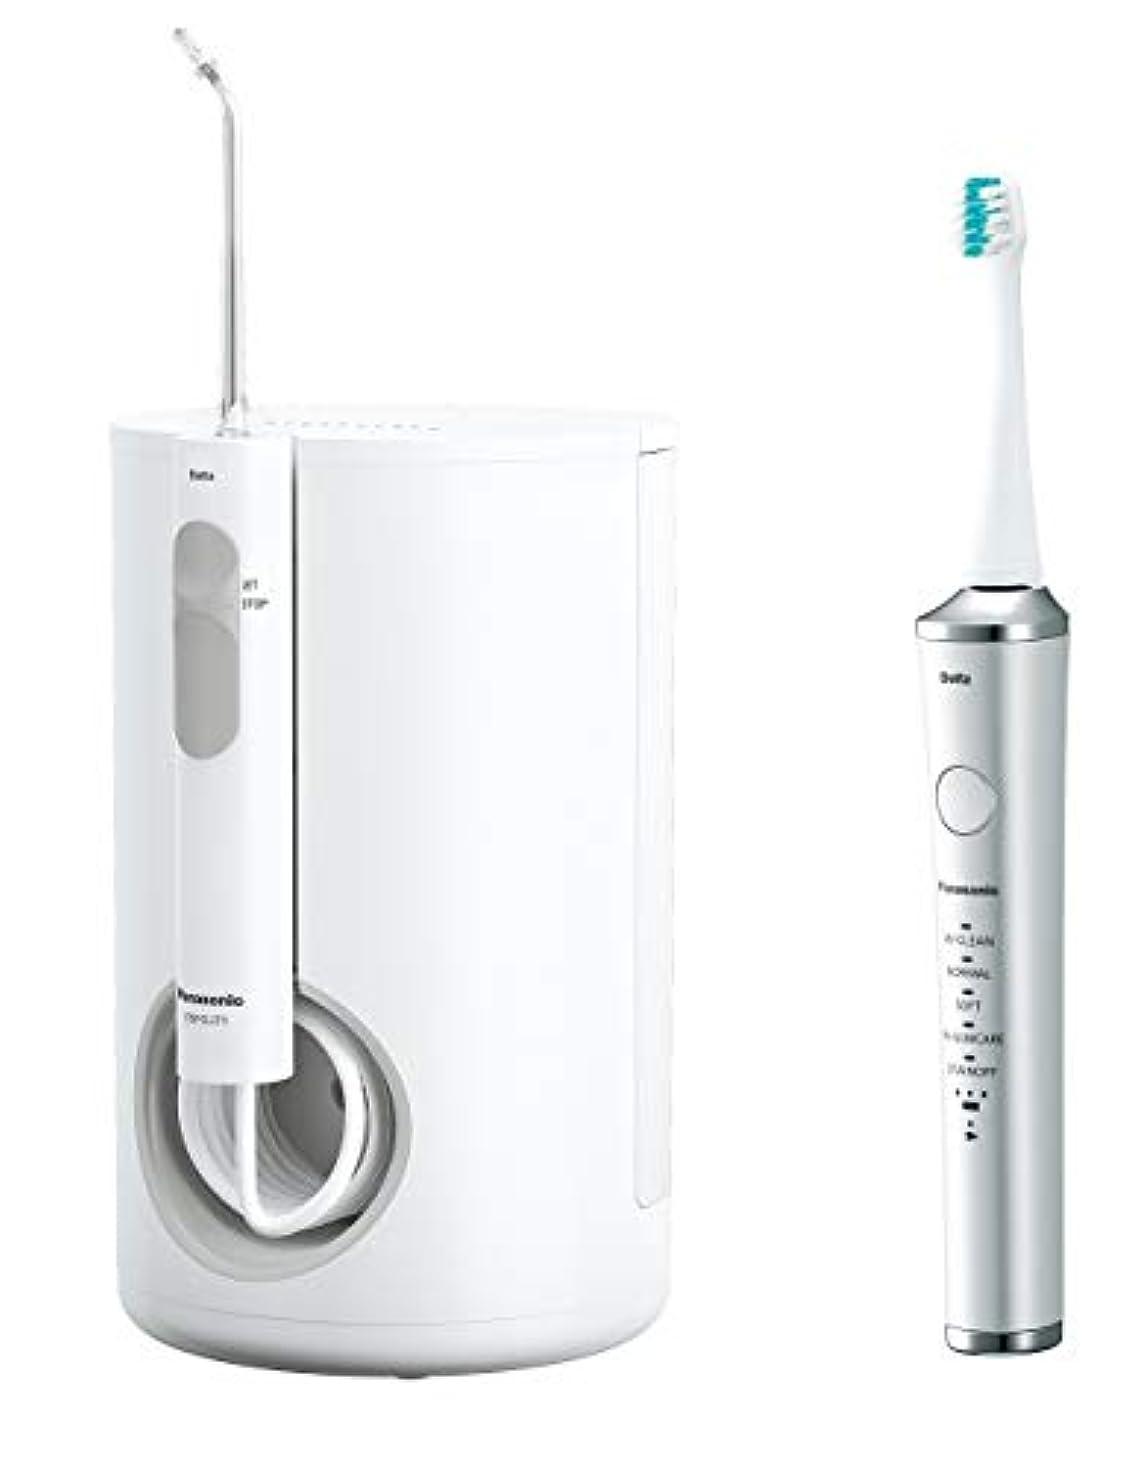 標準アレンジおかしいパナソニック 口腔洗浄器 ジェットウォッシャー ドルツ 白 EW-DJ71-W + 電動歯ブラシ ドルツ セット